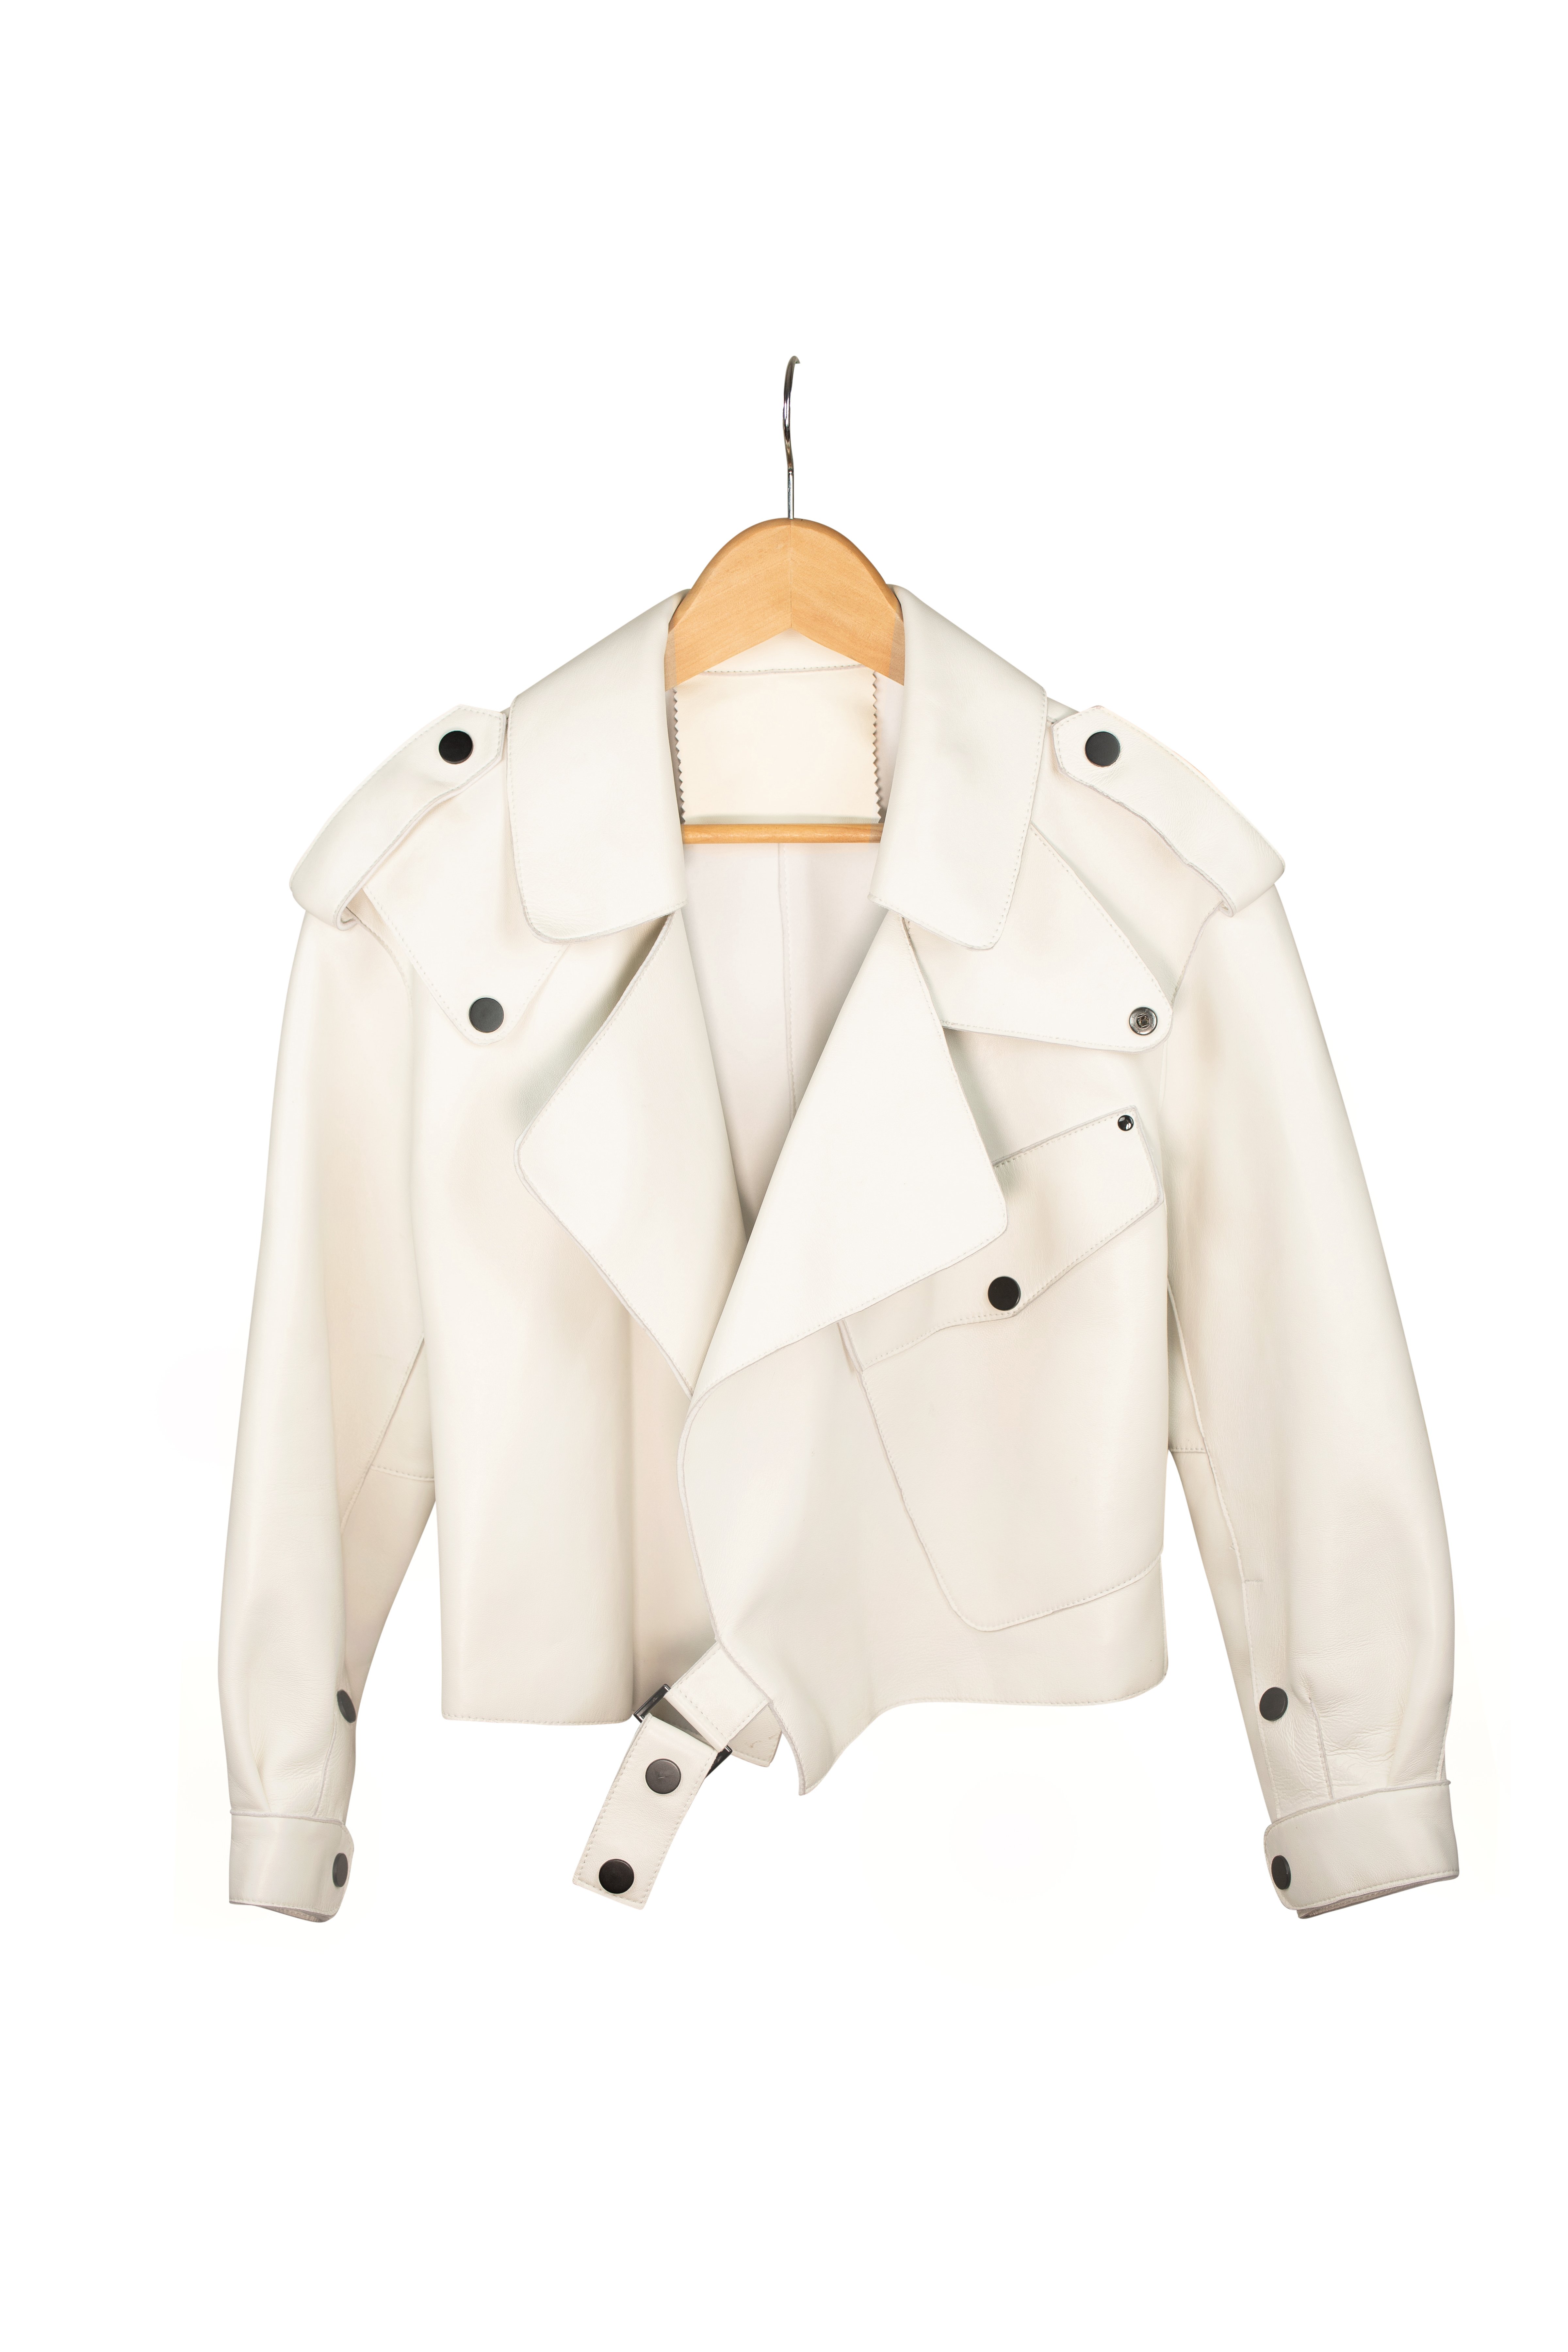 DV Luxury Goods White Leather Jacket